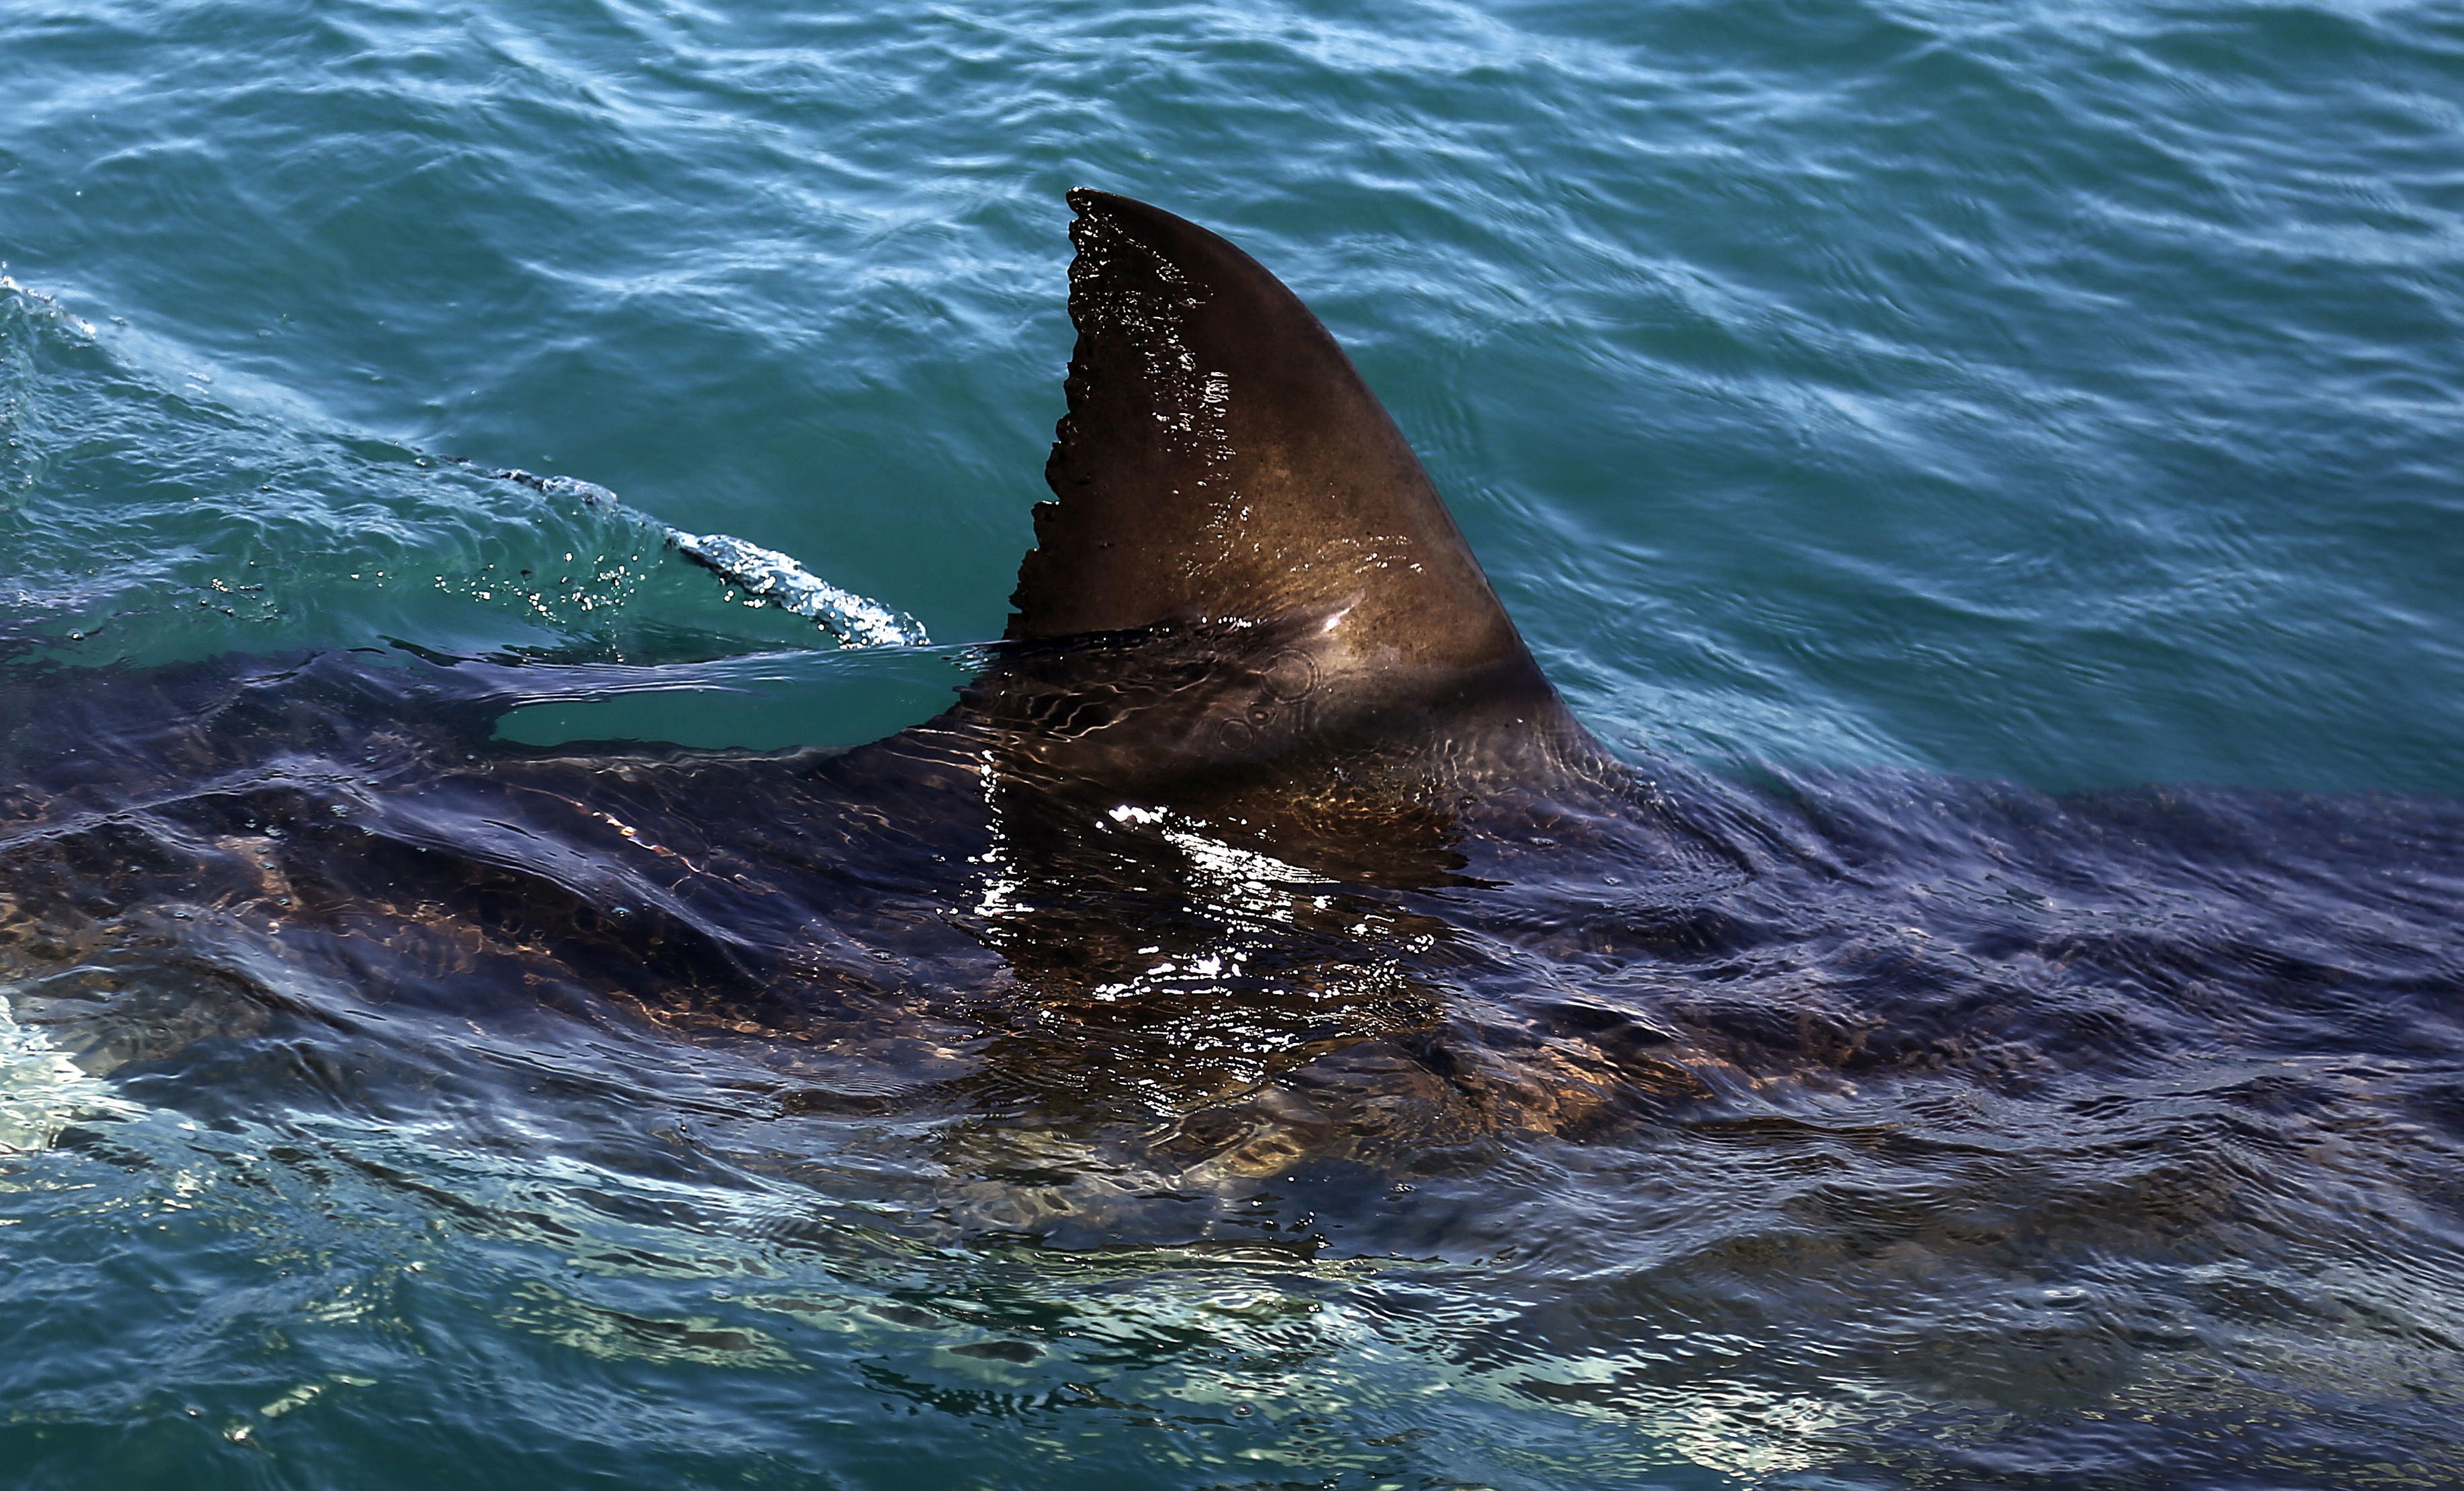 cape cod shark attack